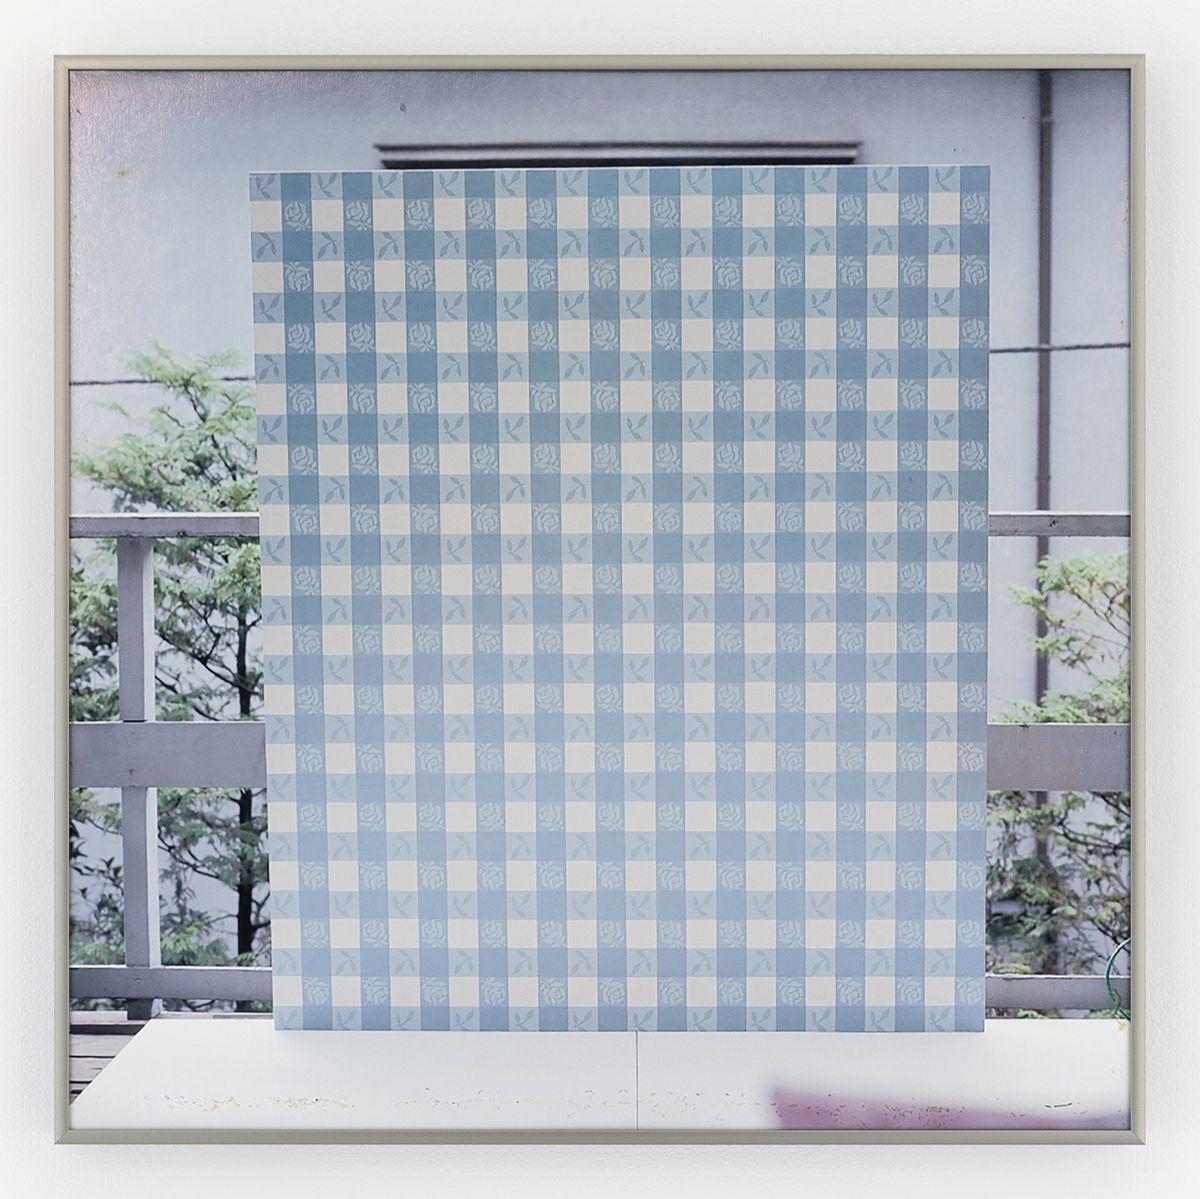 Daan van Golden Artist's Studio, Tokyo (blue), 1964 Color photograph, baryta paper  20 1/8 x 20 1/8 inches (51.1 x 51.1 cm)